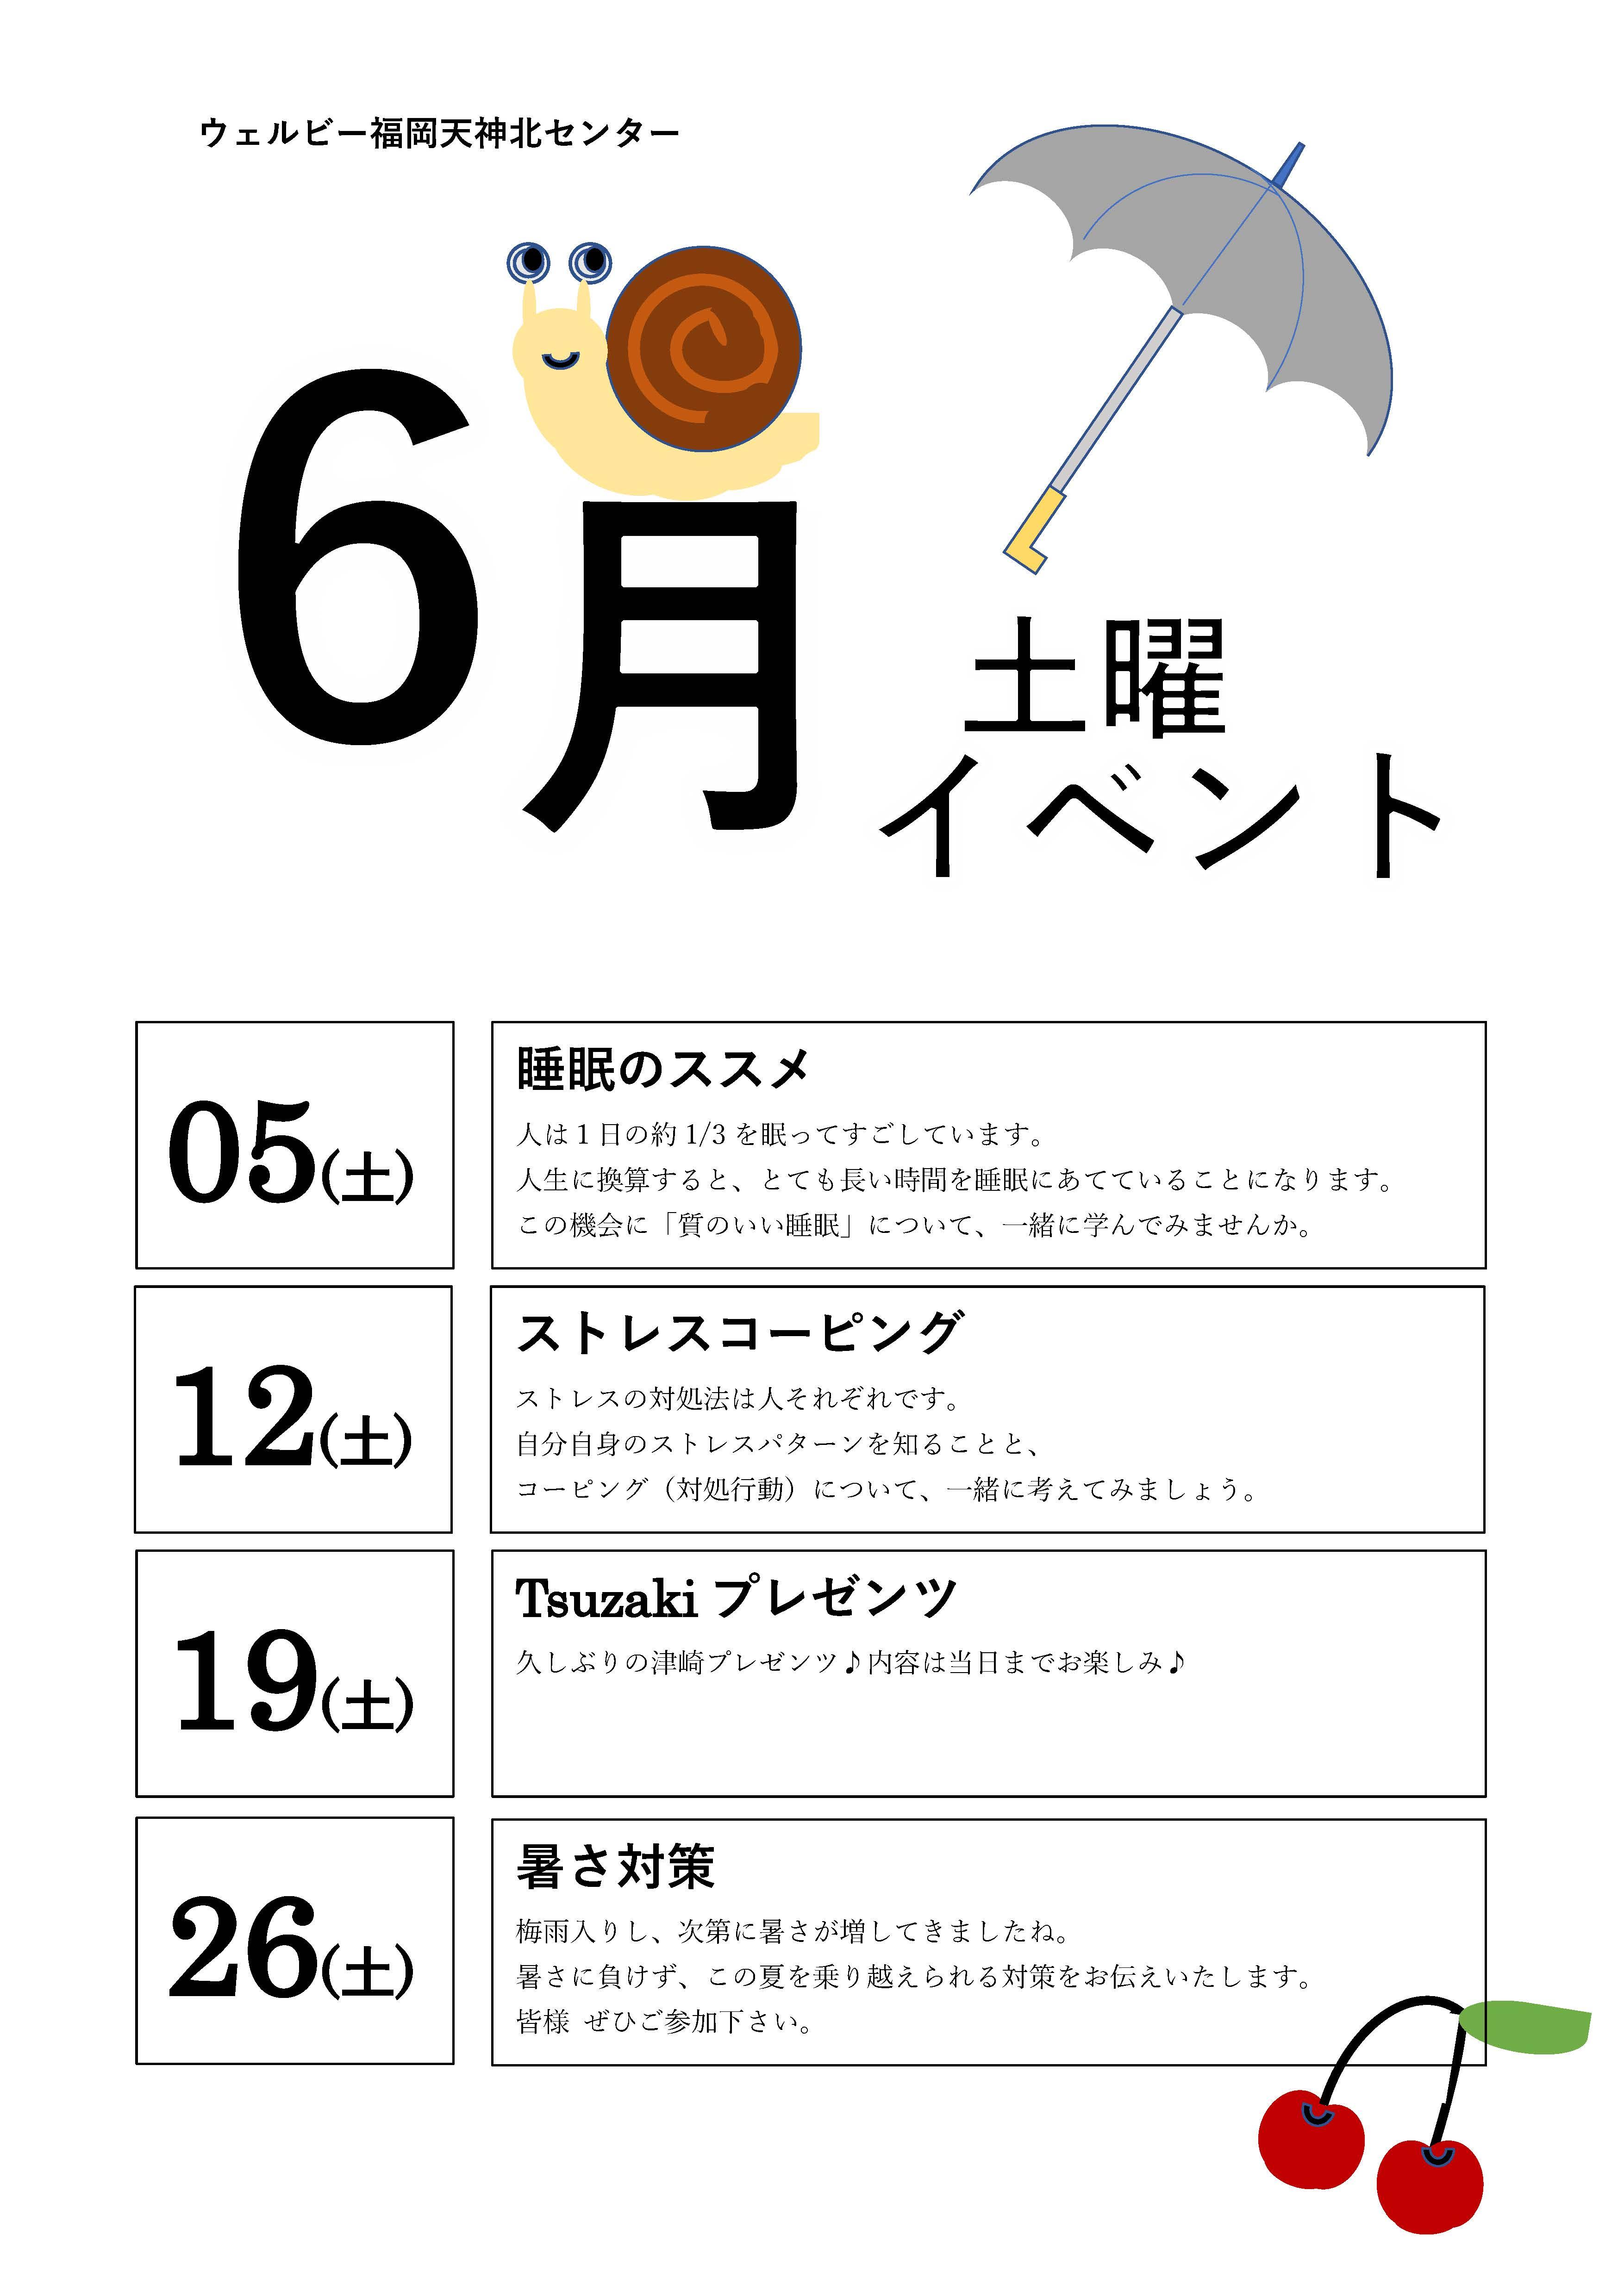 福岡天神北センター6月+イベントチラシ